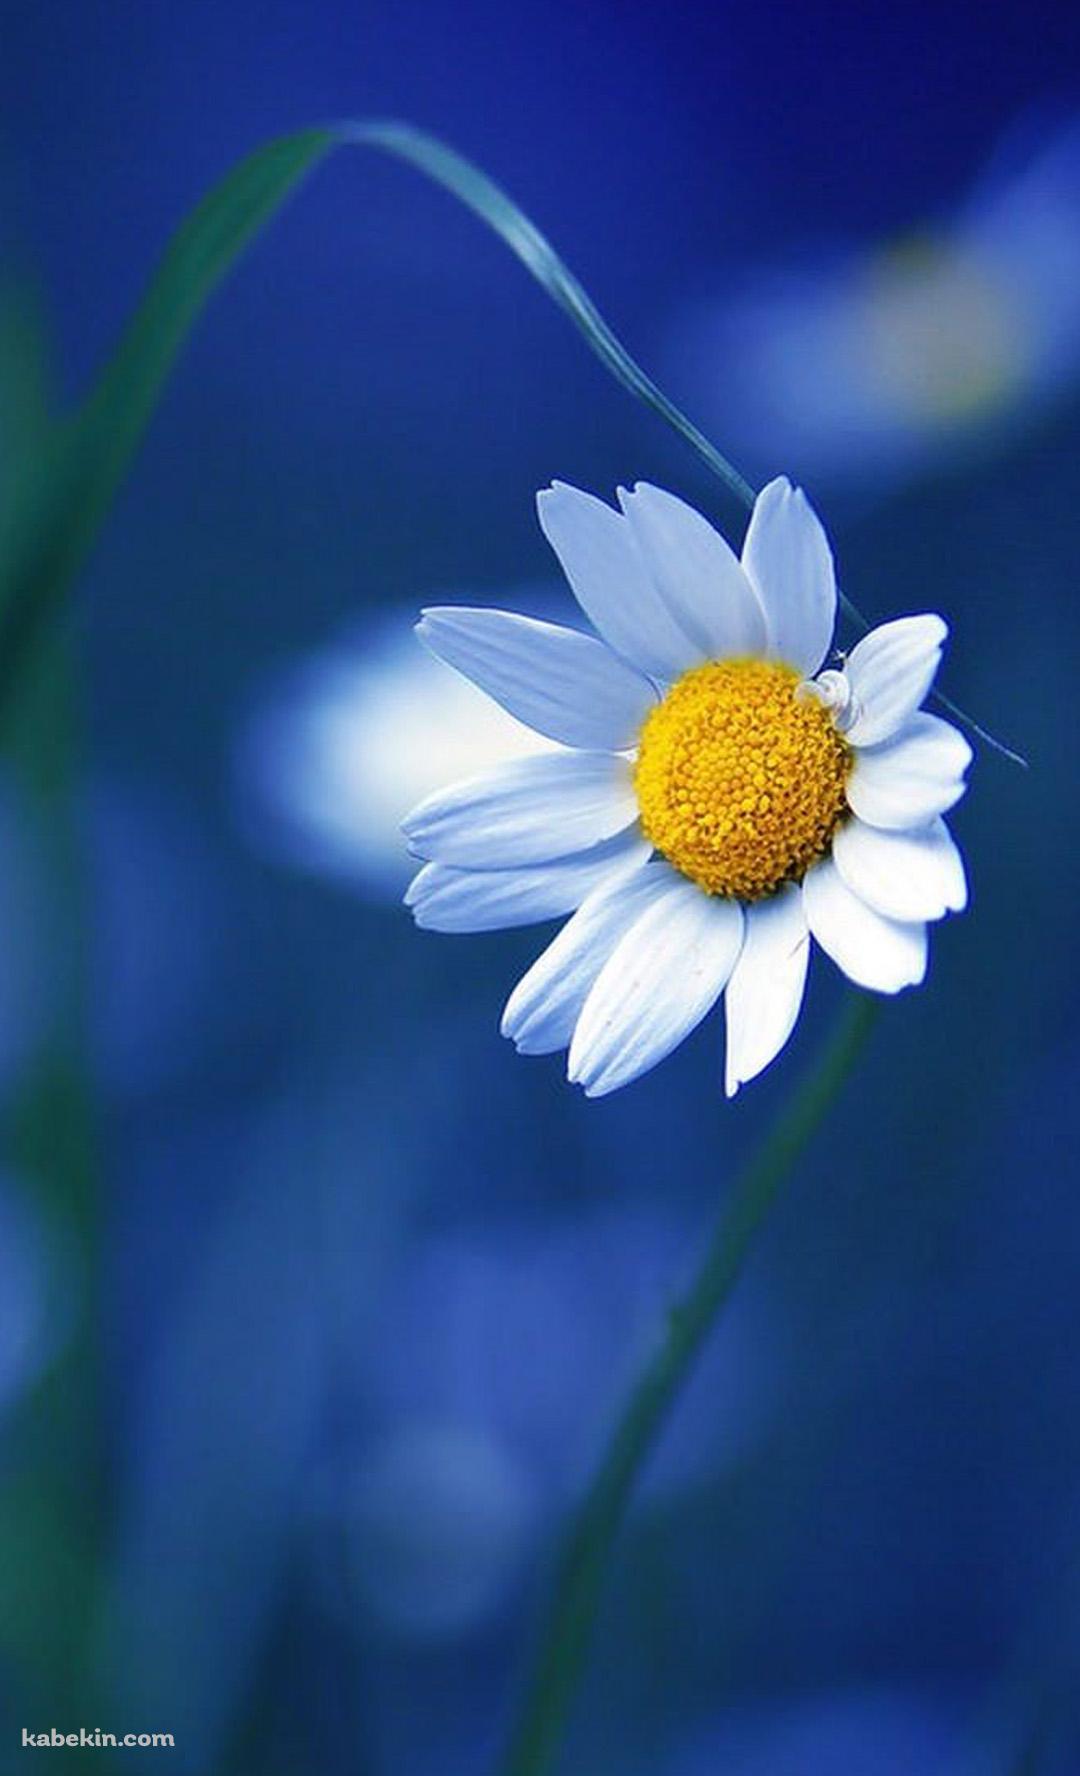 かわいい白の花のandroid壁紙 1080 X 1776 壁紙キングダム スマホ版